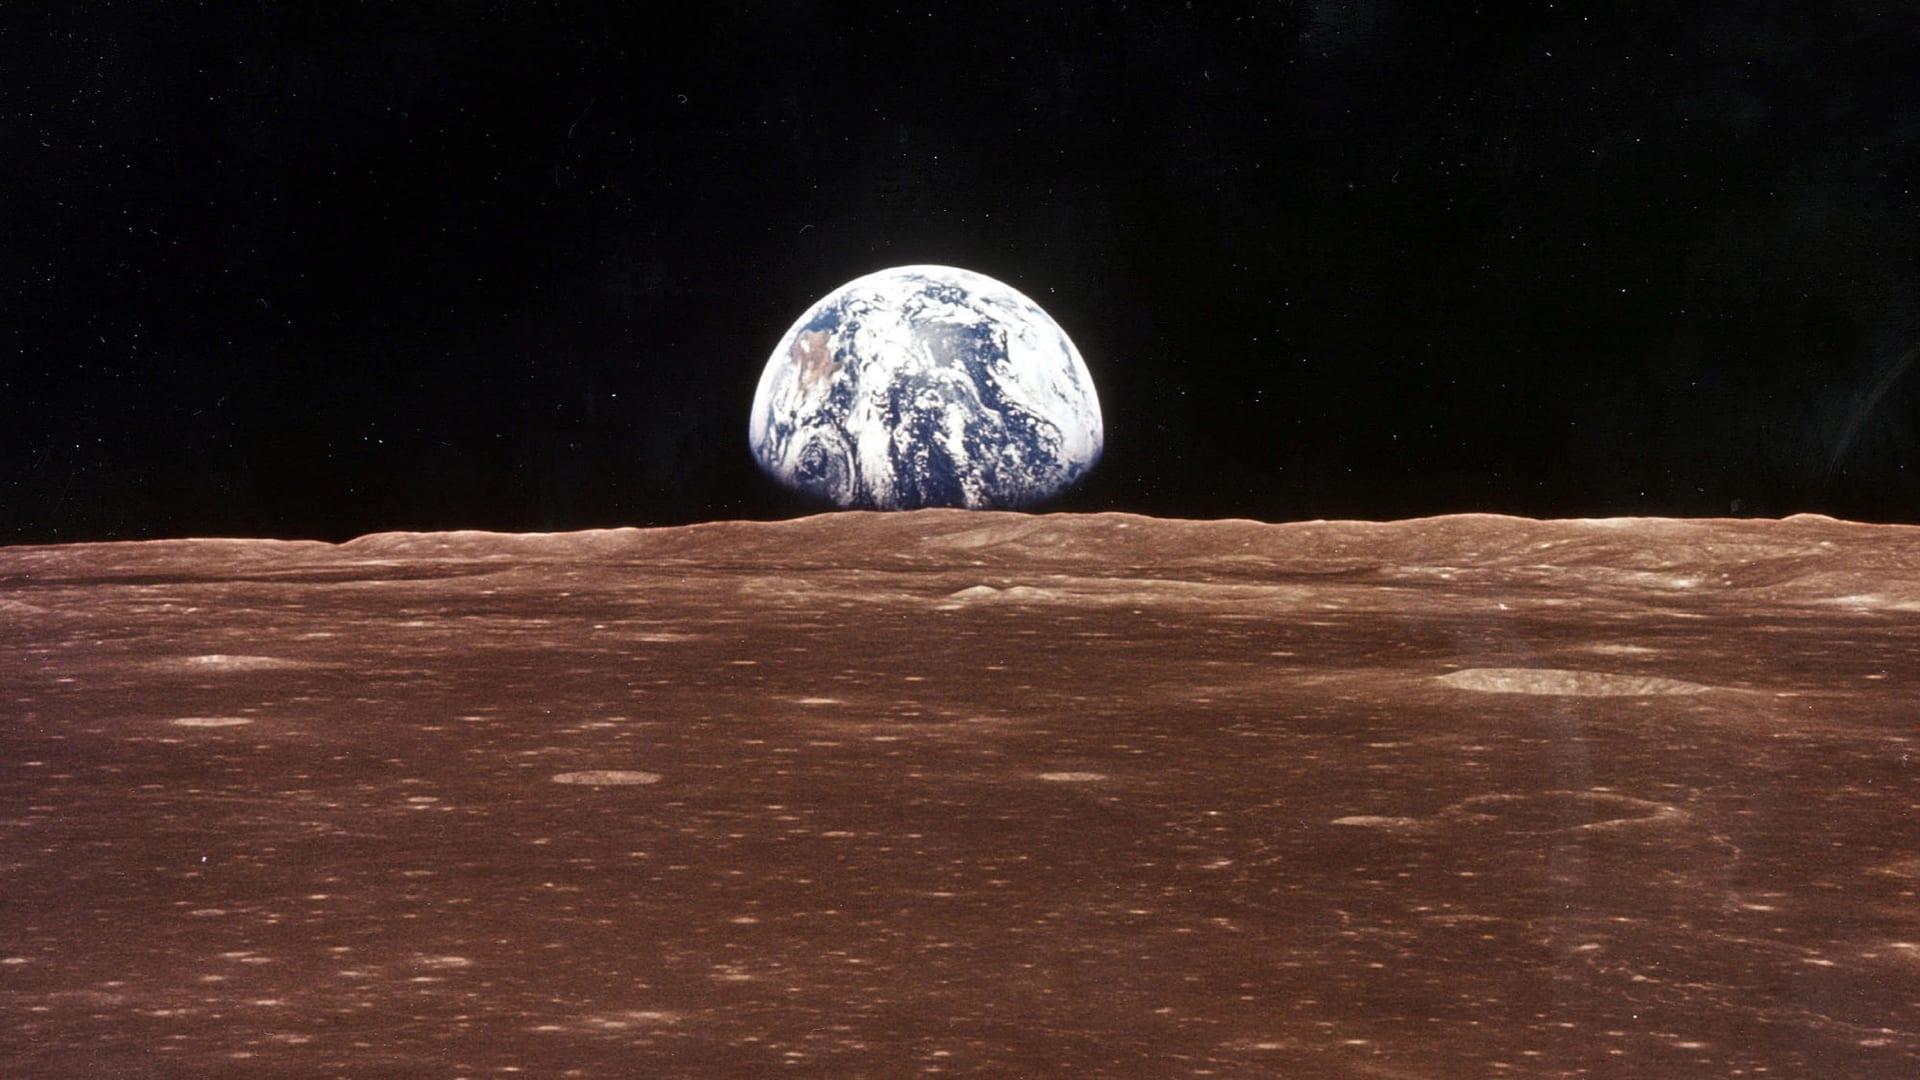 شاهد من الفضاء.. أنوار الشفق القطبي تتراقص فوق الأرض